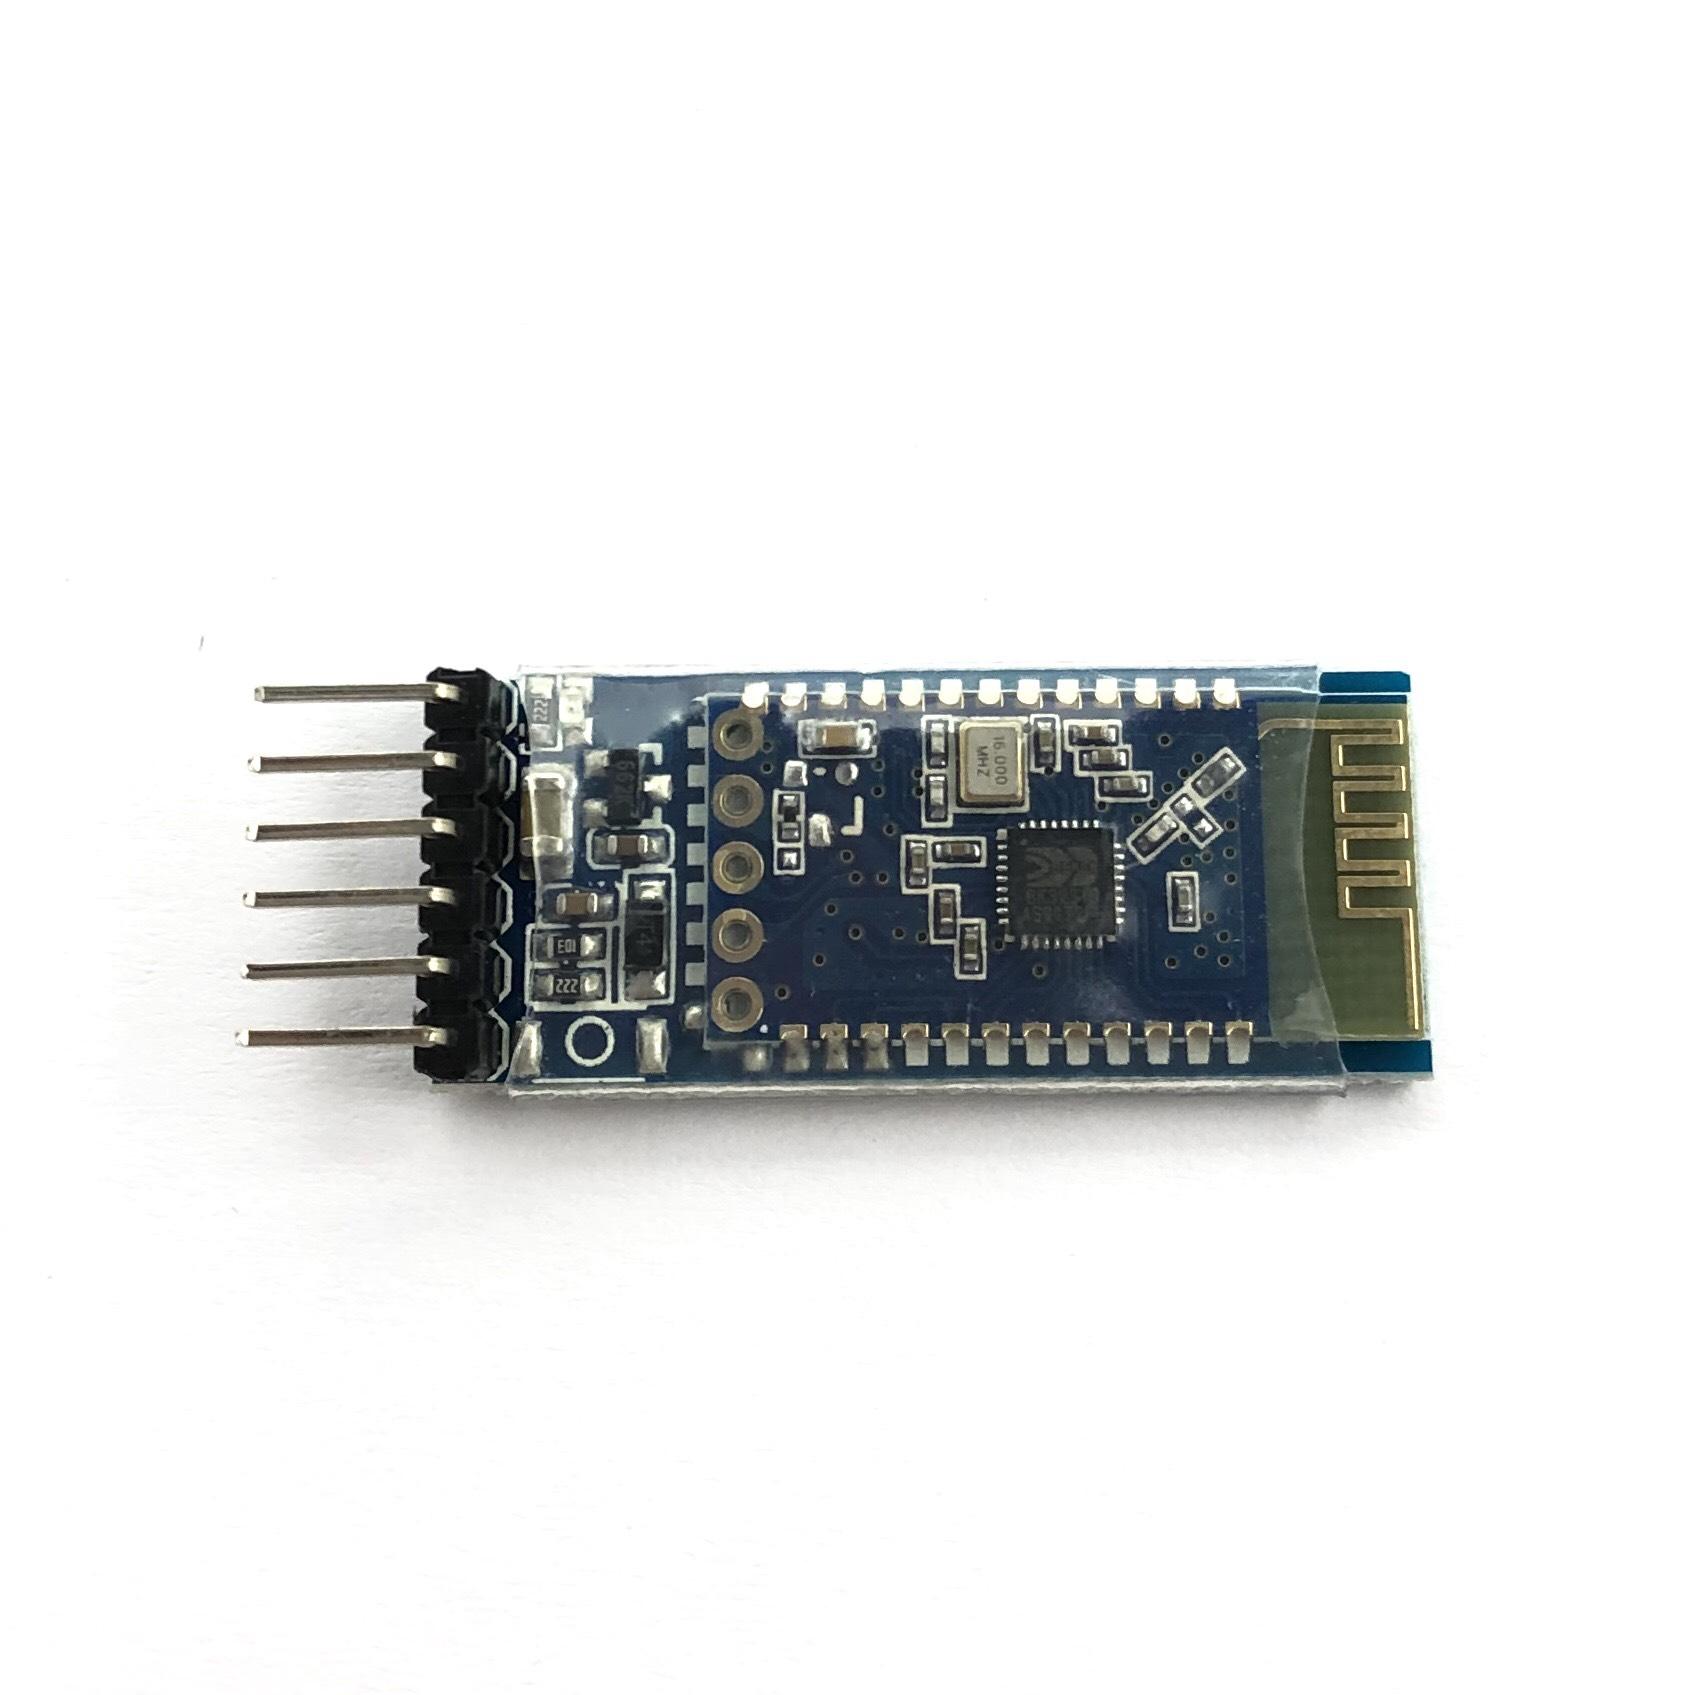 Module thu phát Bluetooth JDY-31 tương đương HC-05 / A1H25